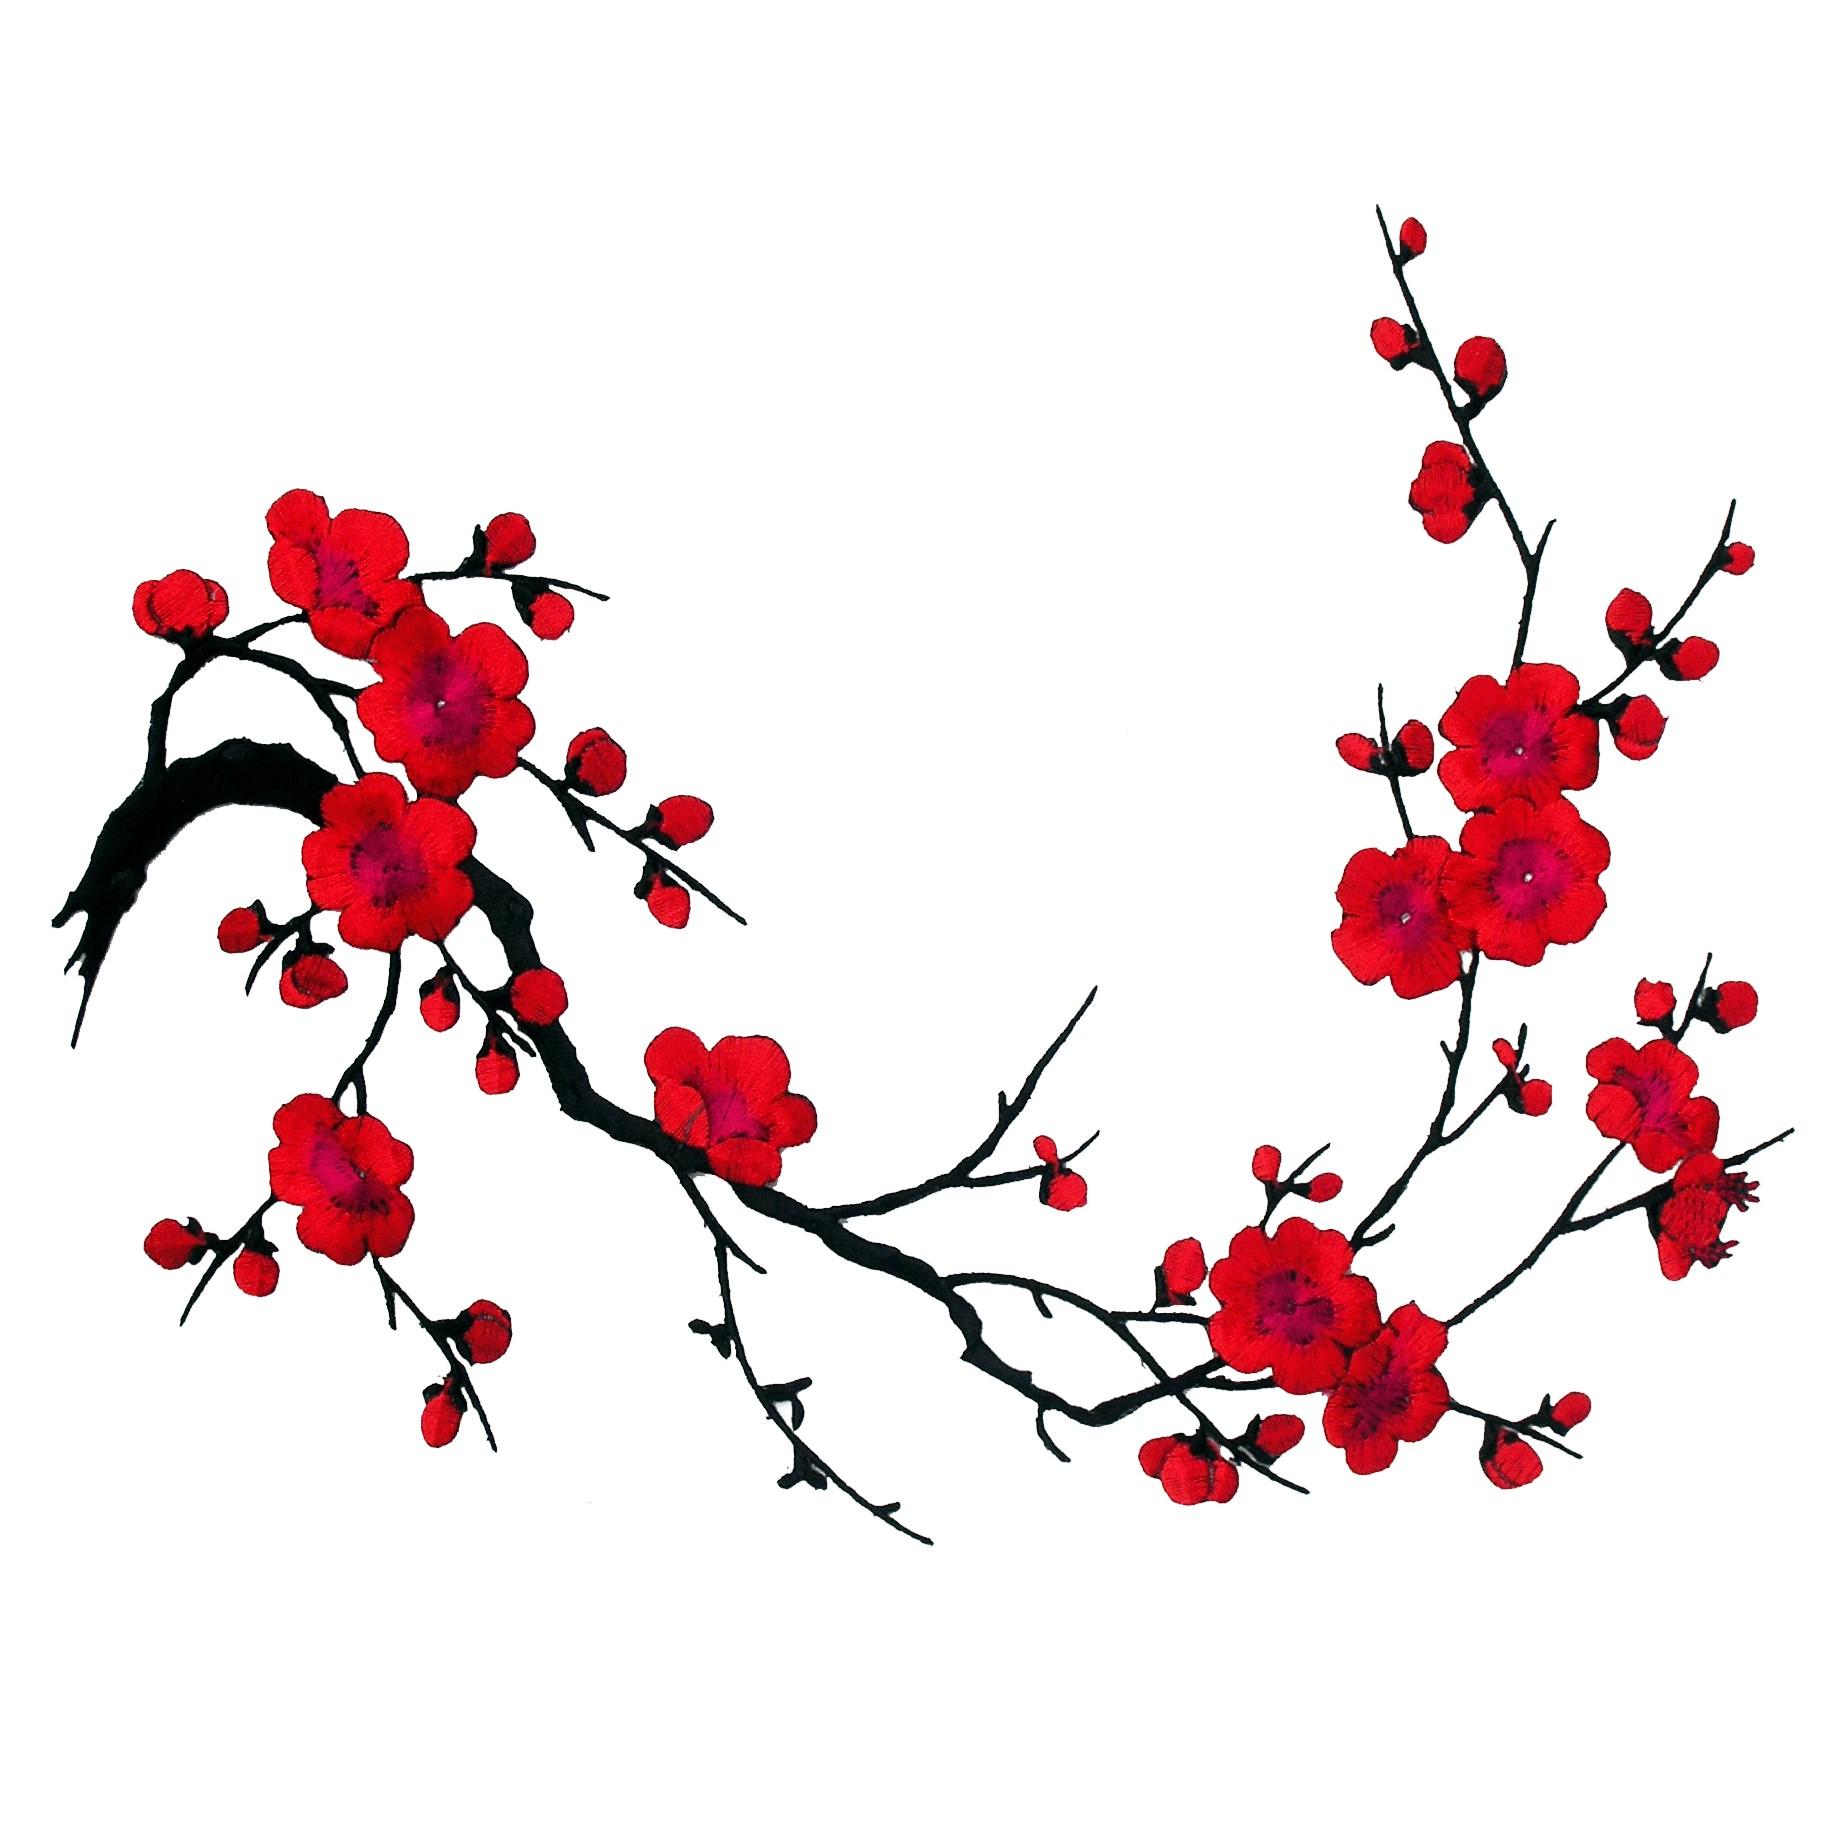 Tatouage branche fleurie galerie tatouage - Branche de cerisier japonais ...